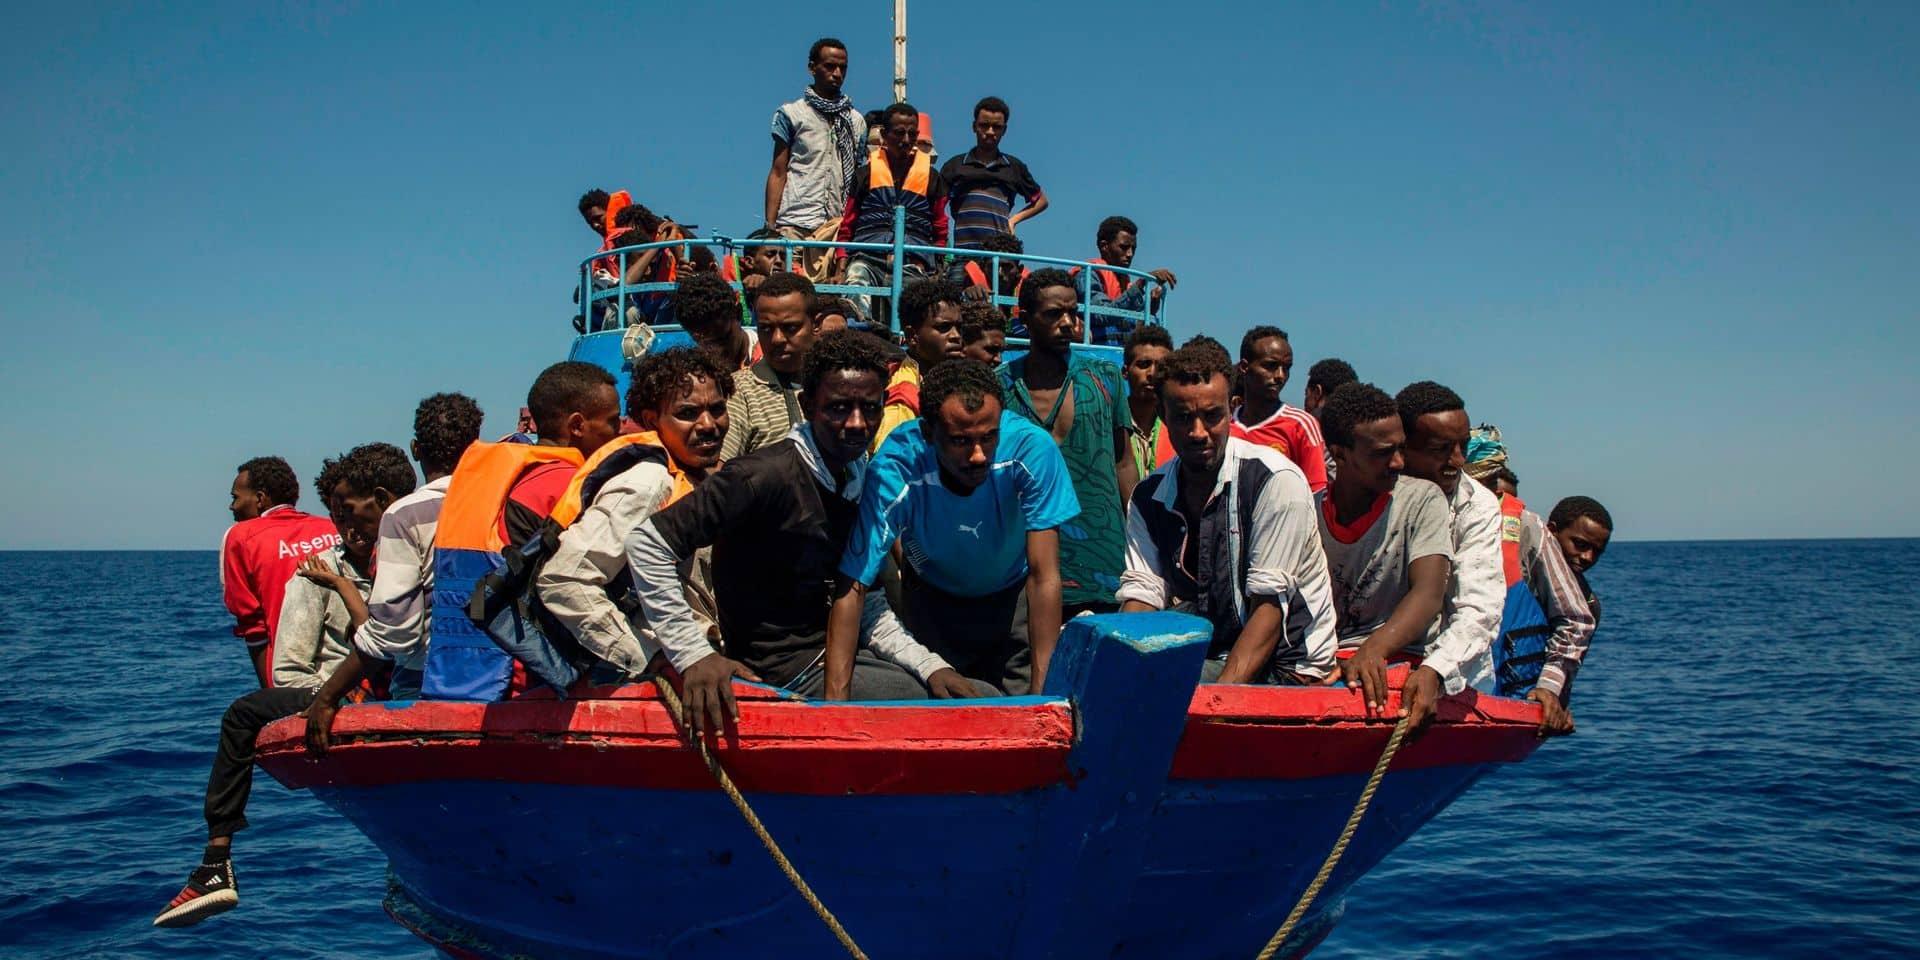 Comment retrouver l'identité des réfugiés décédés en Méditerranée?